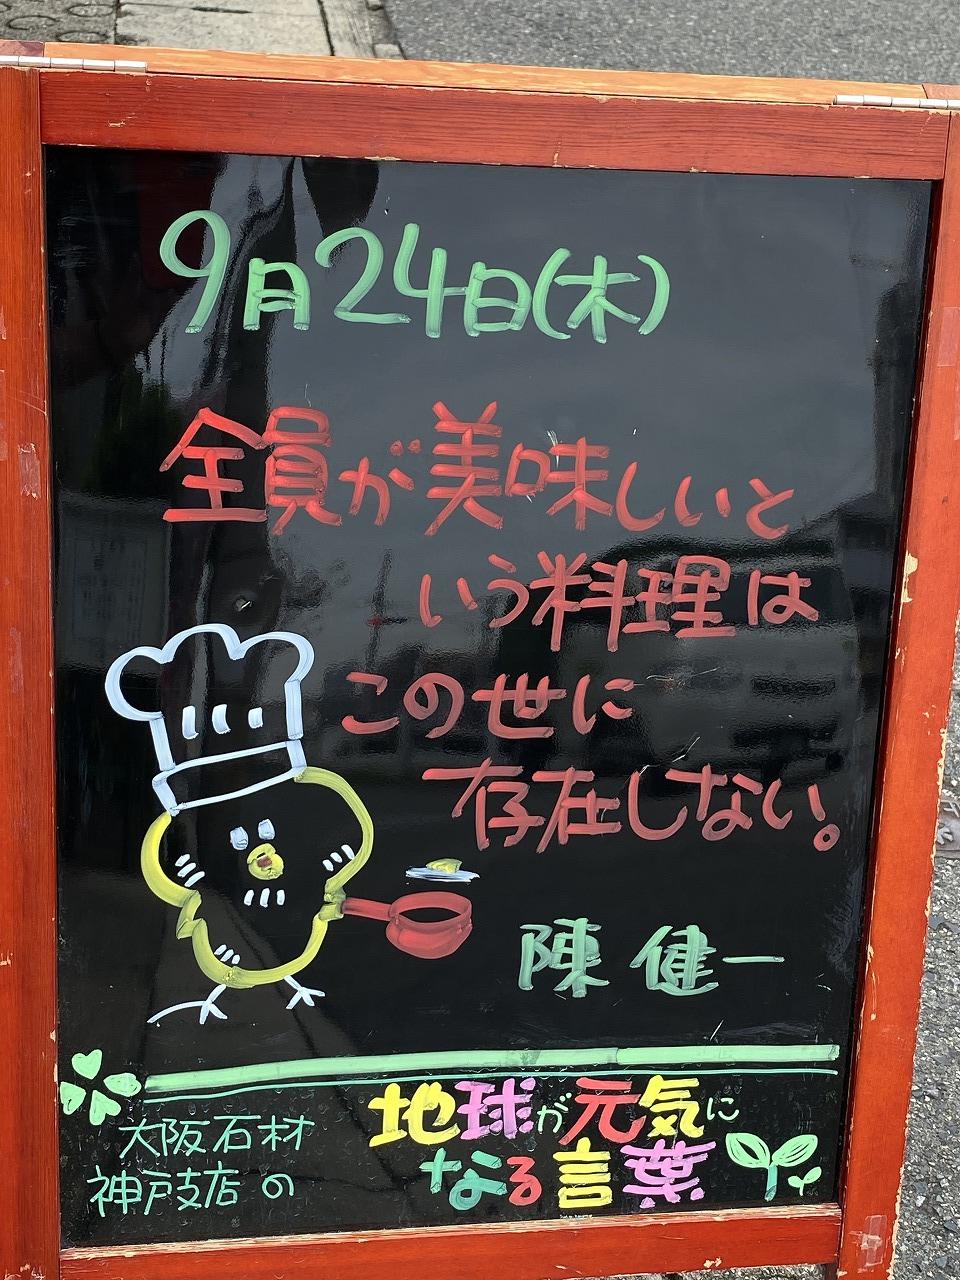 神戸市東灘区御影塚町にある石のお店 大阪石材神戸支店の店舗前にあるブラックボードのPOP「地球が元気になる言葉」9/24